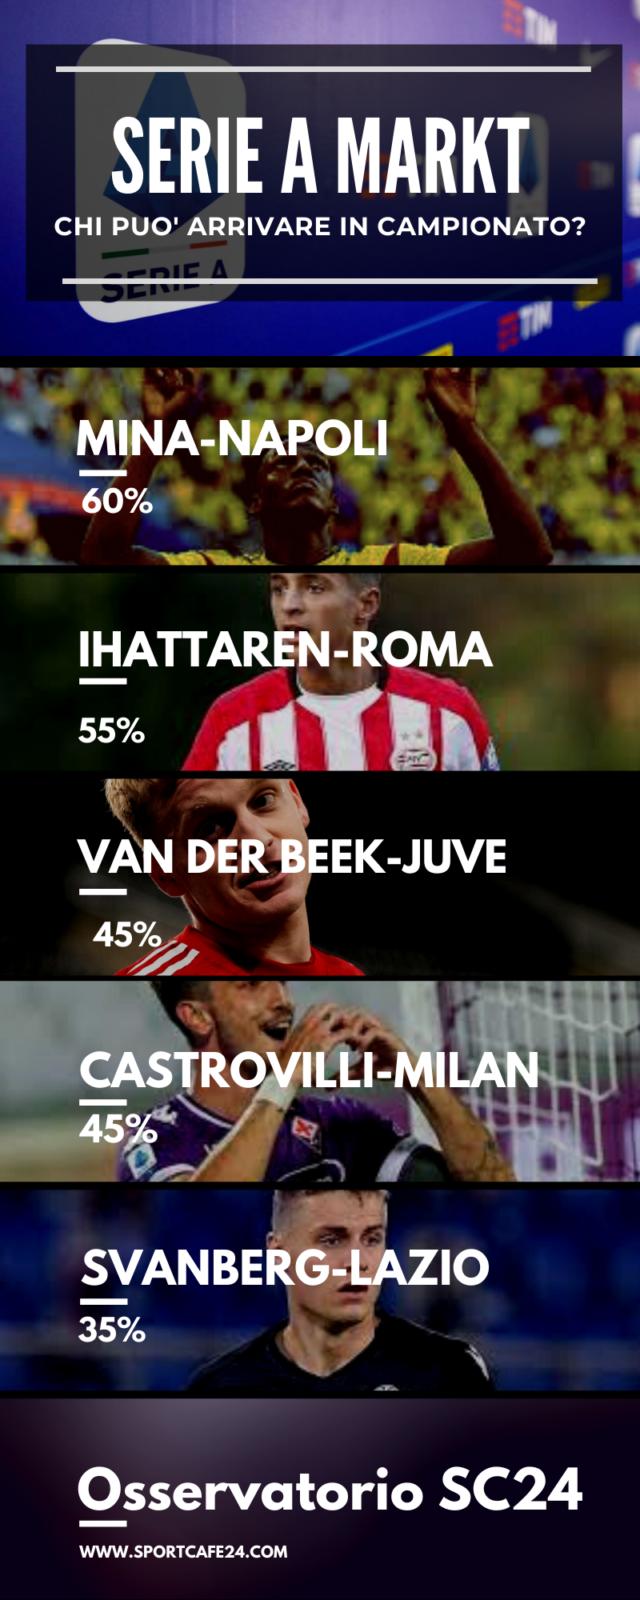 La Juventus pensa ad uno scambio con lo United per Van der Beek